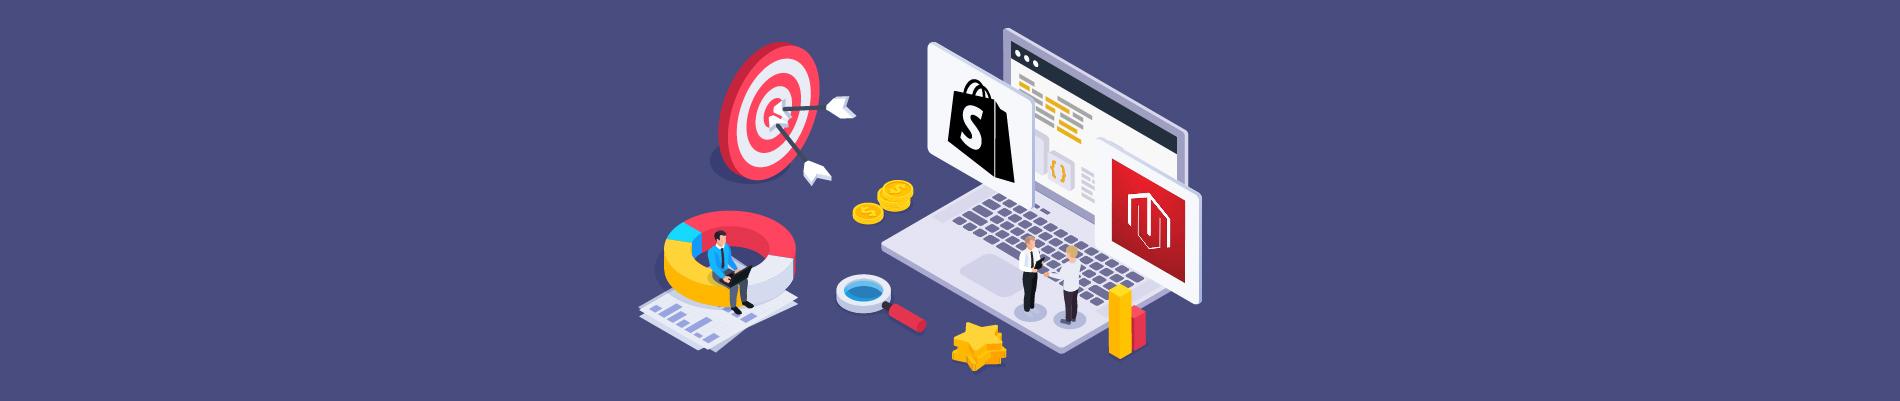 shopify plus adobe commerce cloud